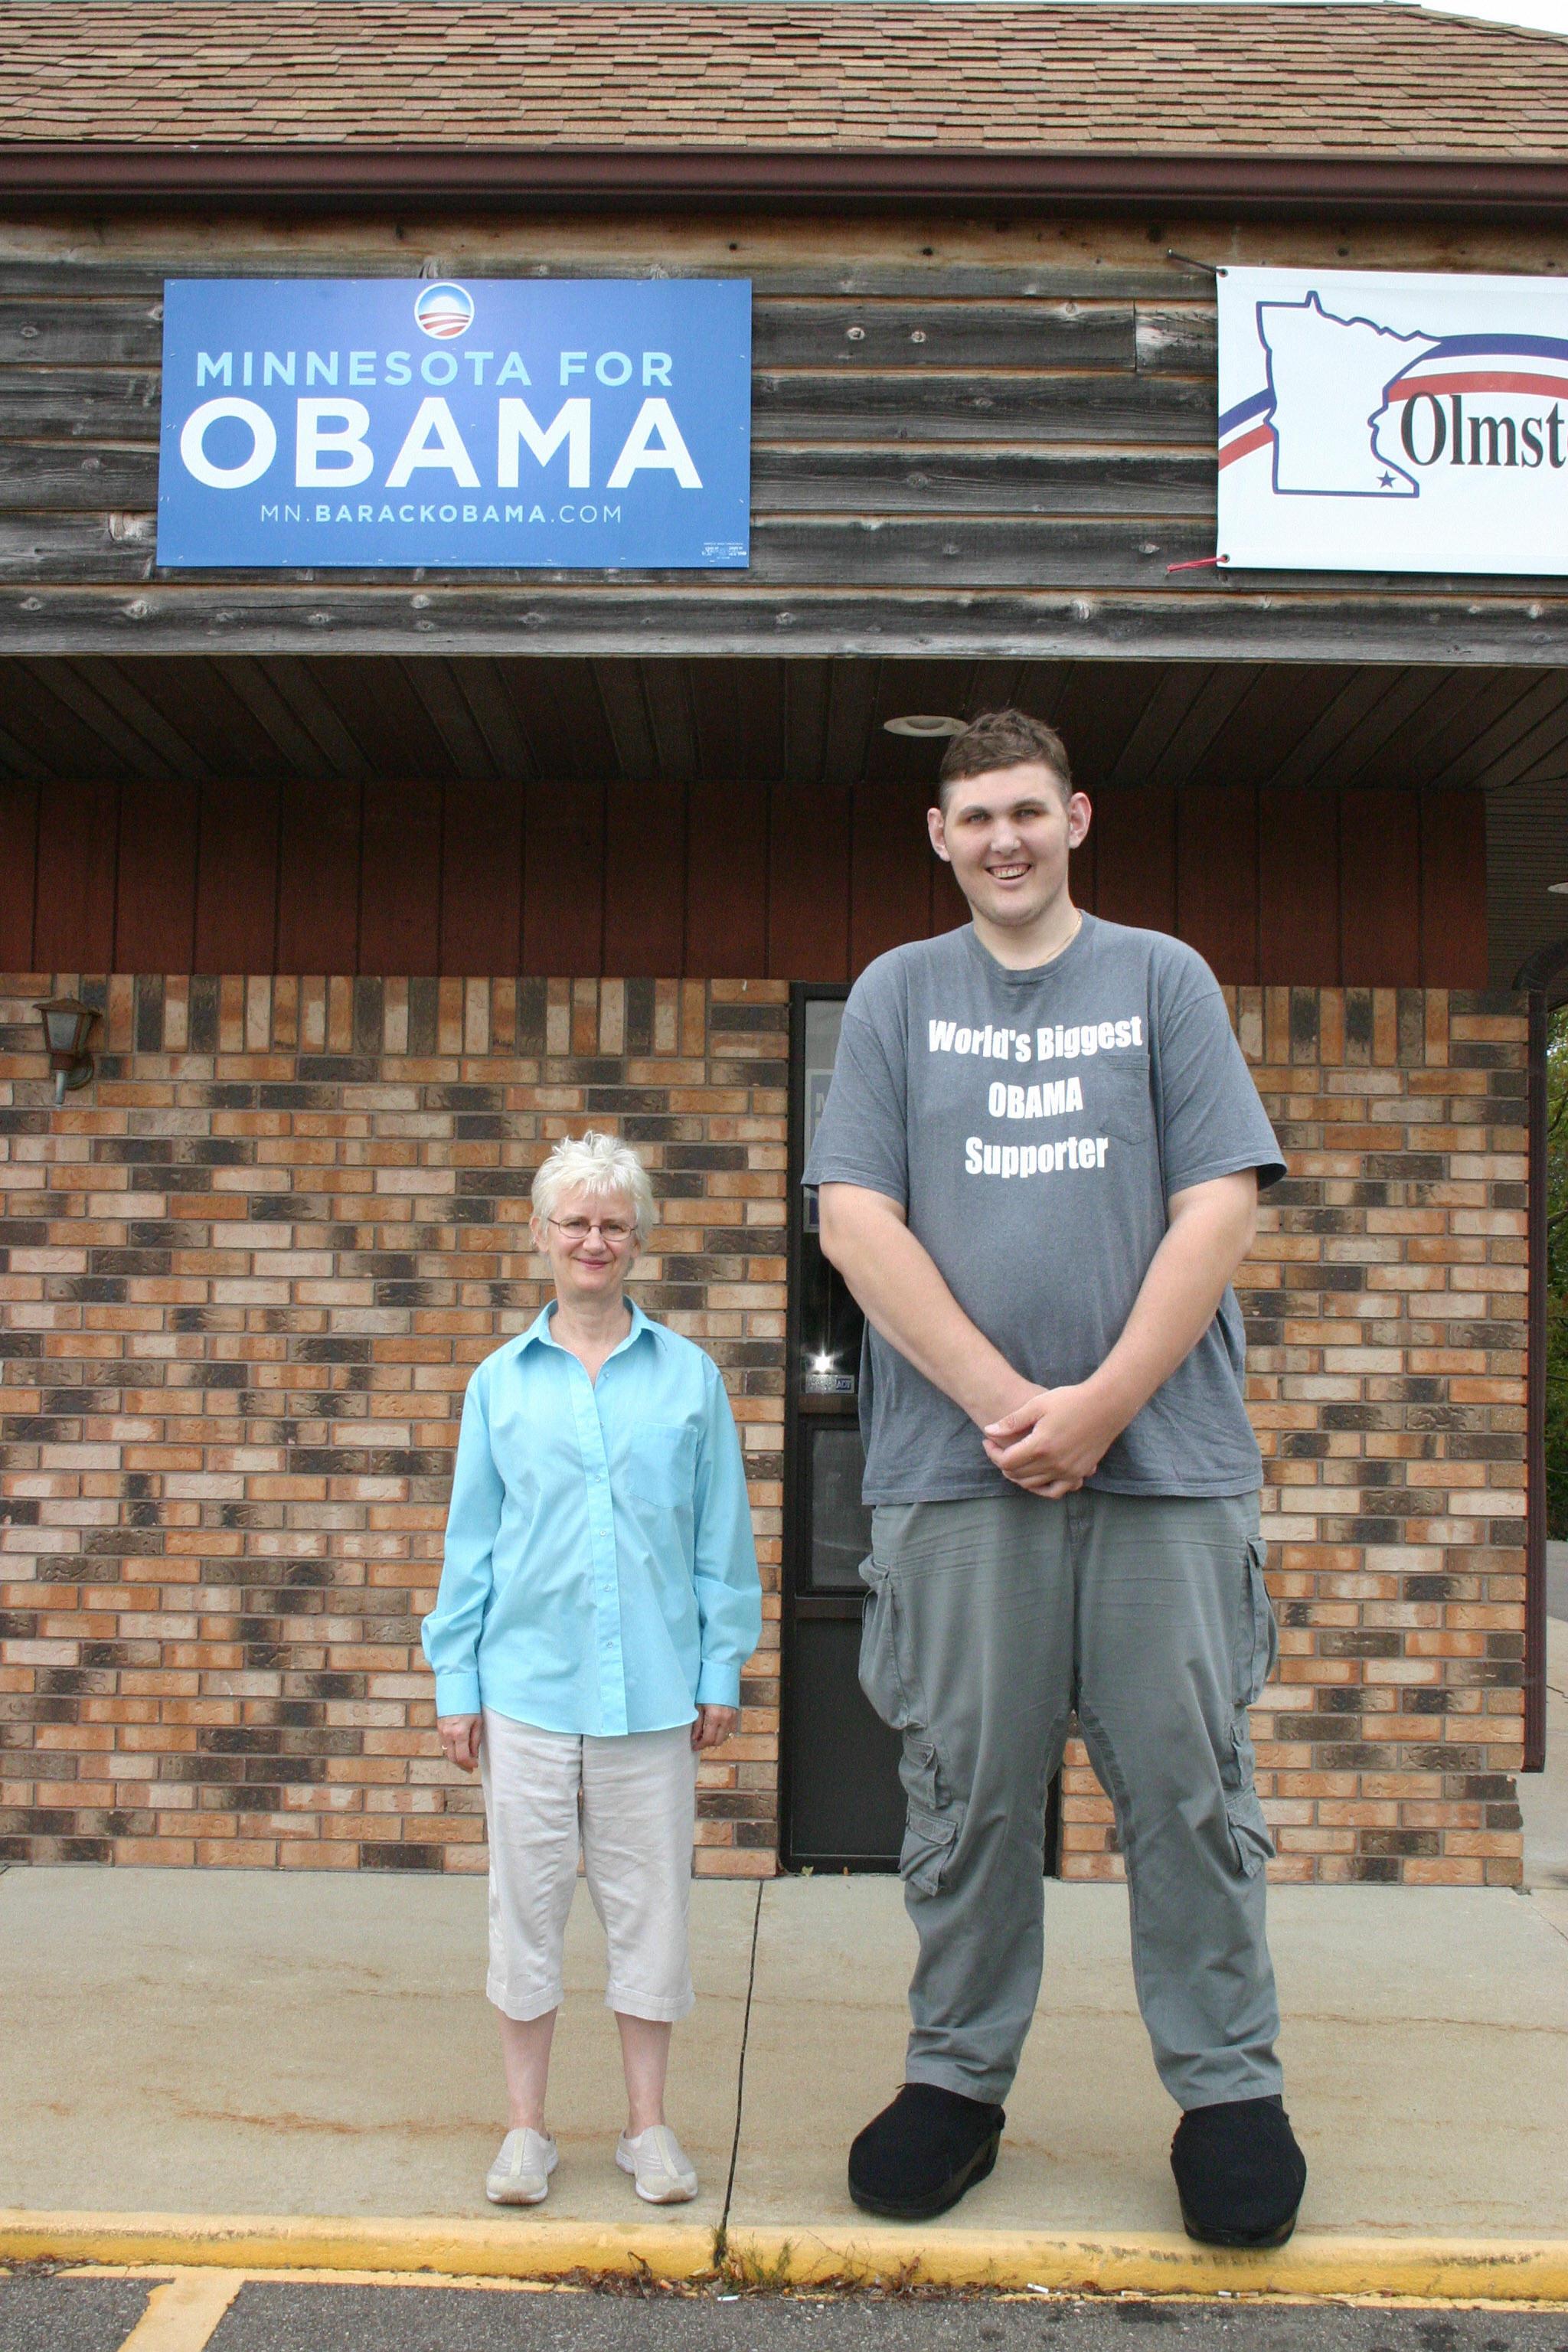 Luciendo su camiseta favorita, Igor Vovkovinskiy (R), el mayor partidario de Obama del mundo, de 2,23 metros de altura, se para junto a su compañero voluntario de Obama Laurel Phelps-Bowman en 22 de septiembre de 2008 frente a la sede de las elecciones demócratas en Rochester, Minnesota.